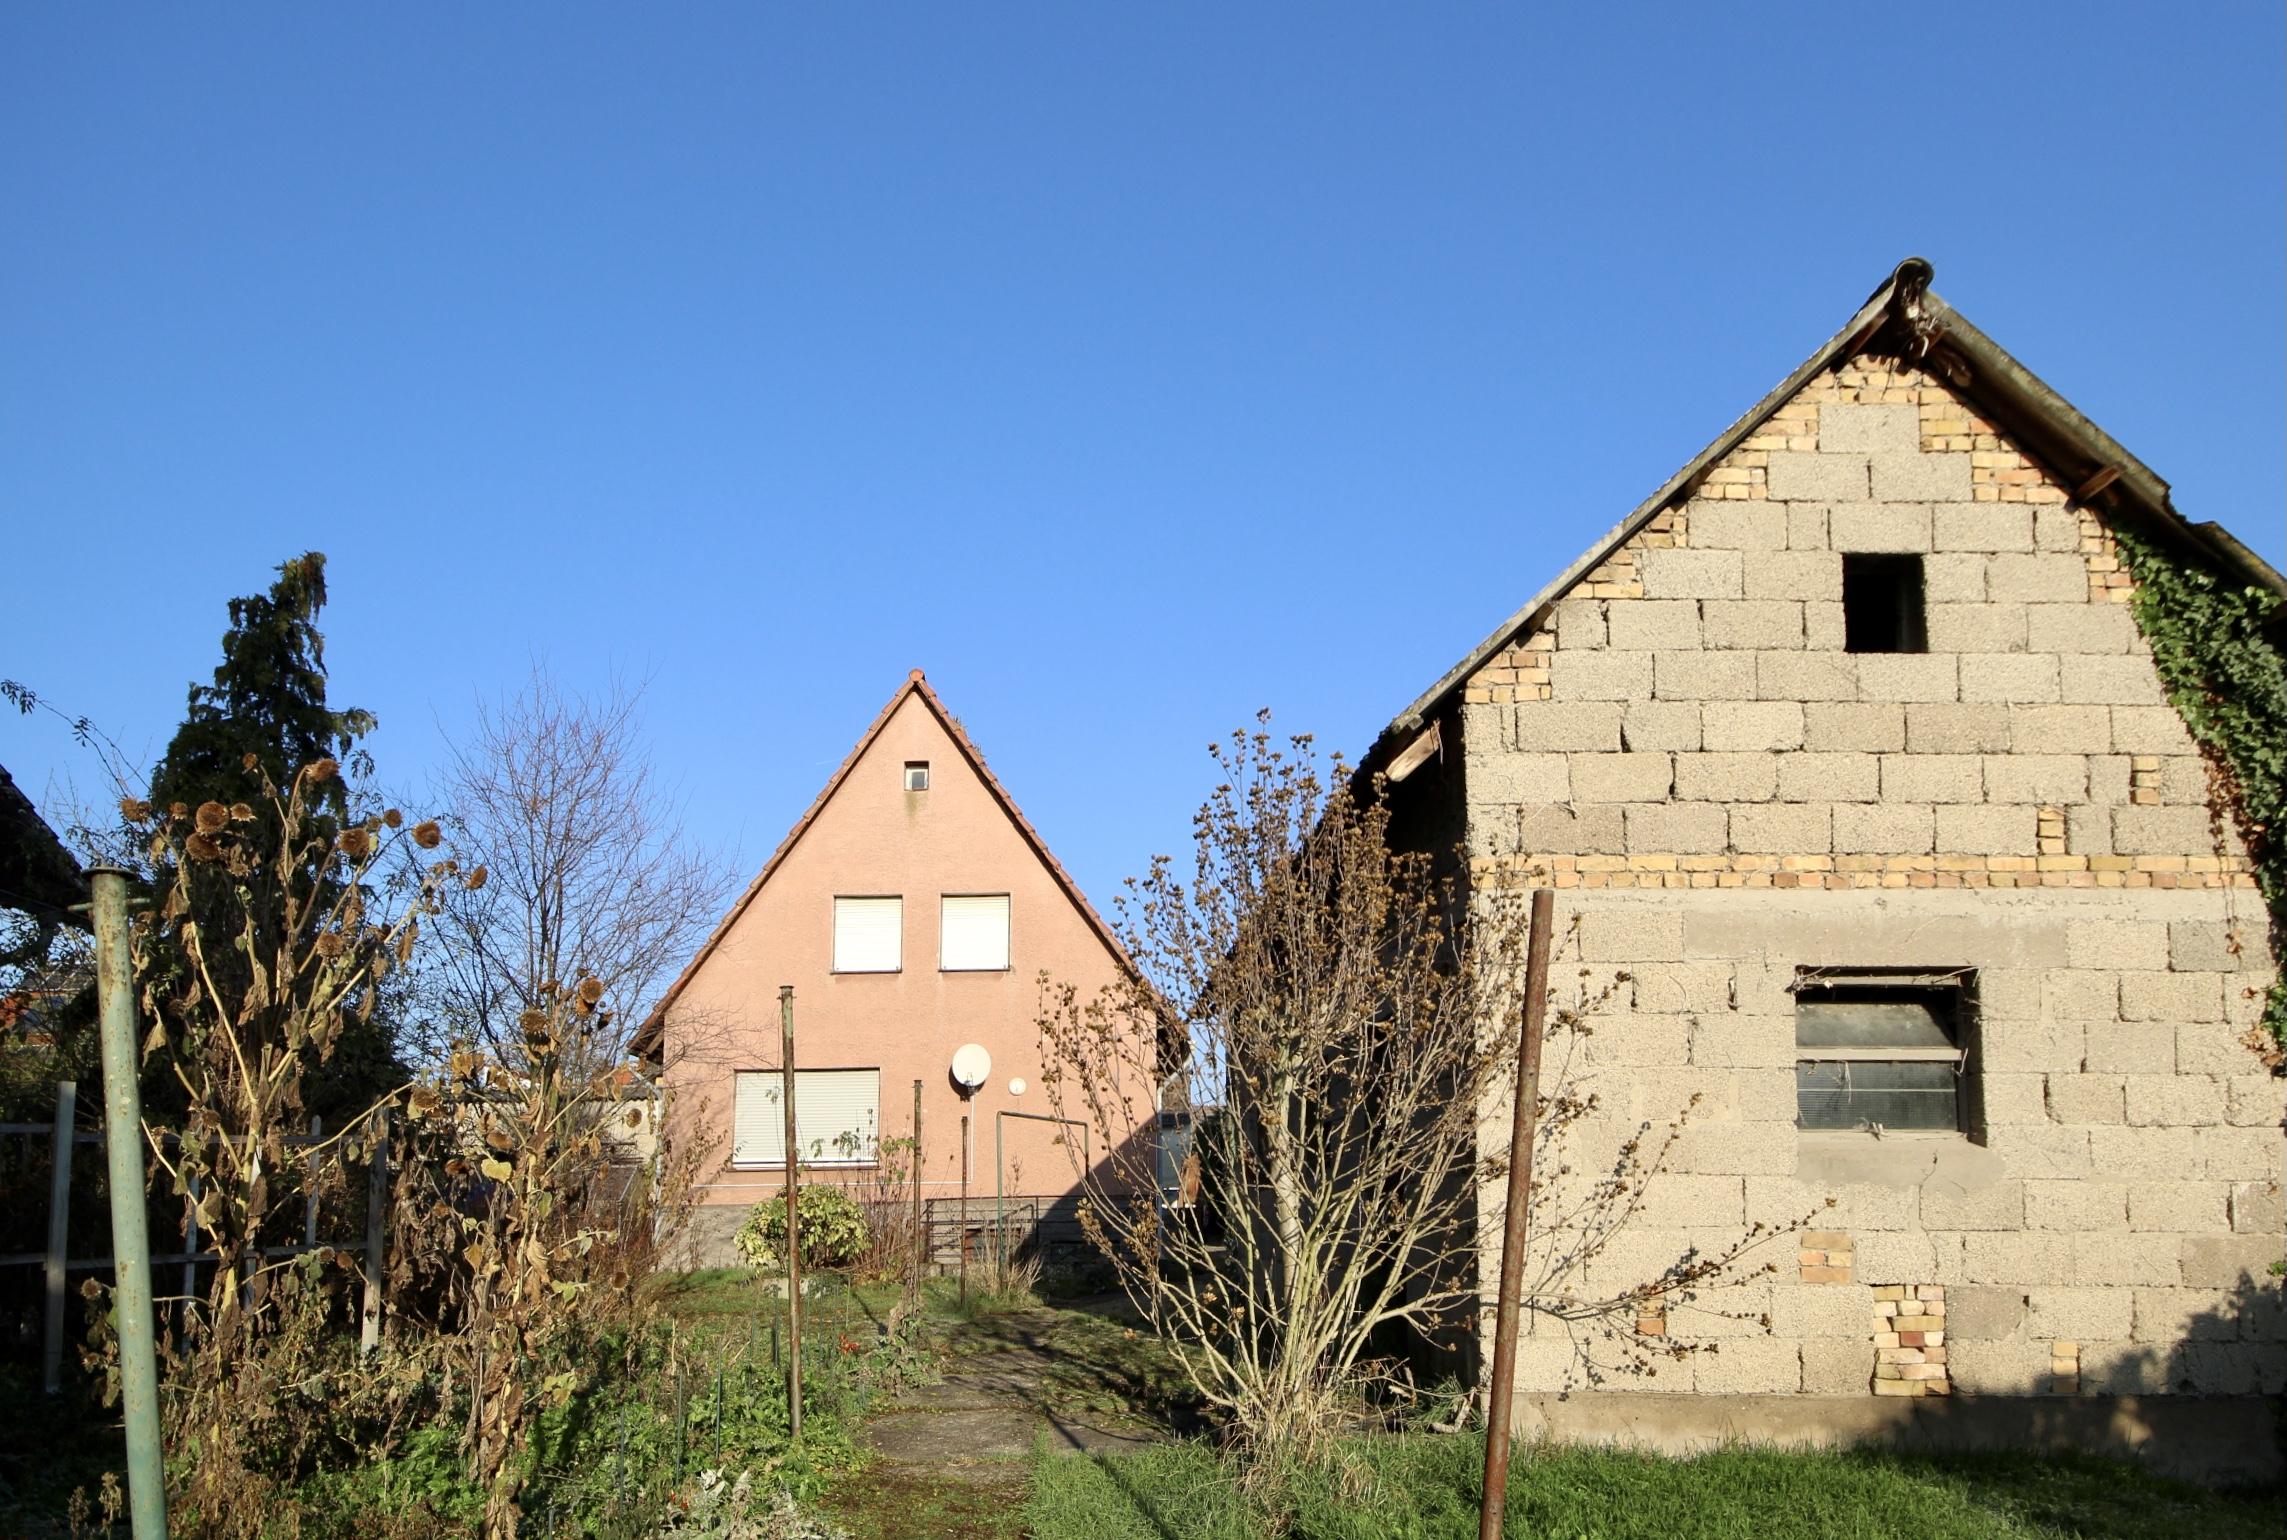 Abrissgrundstück in Trebur-Geinsheim